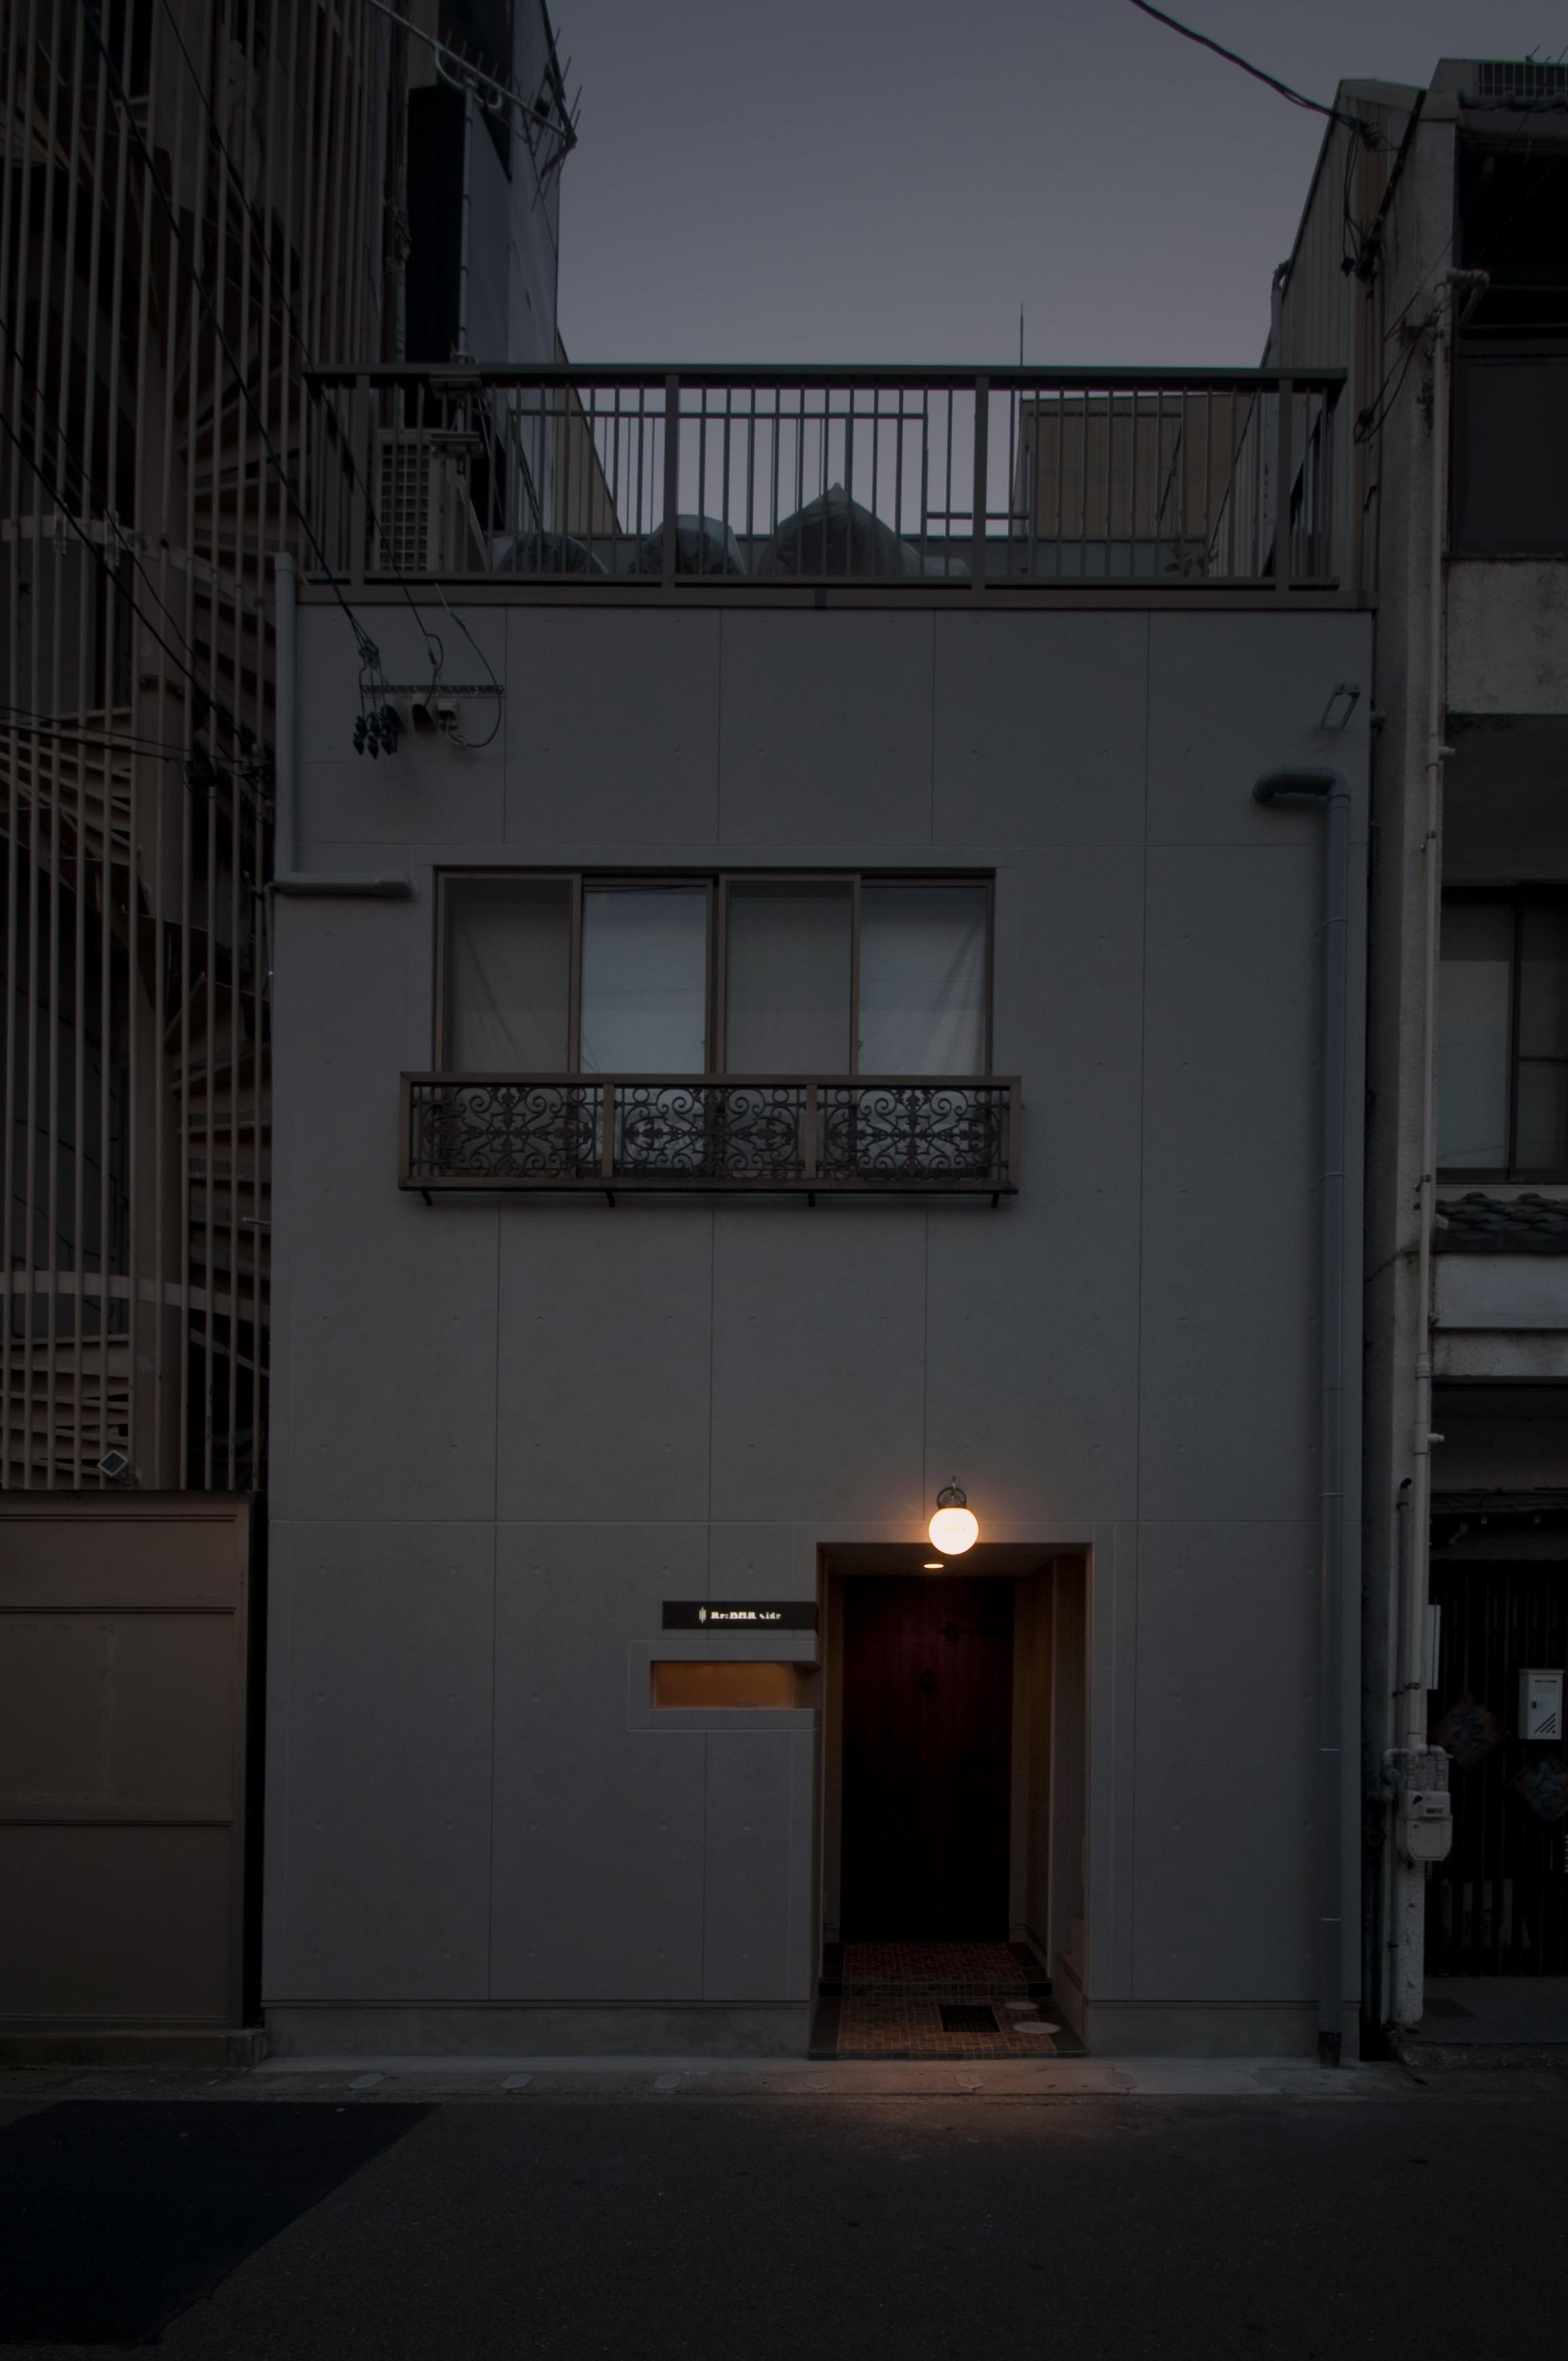 成正建装 ショールーム 愛知県 犬山市 工務店 不動産 注文住宅  新築 リフォーム 古民家再生 家づくり